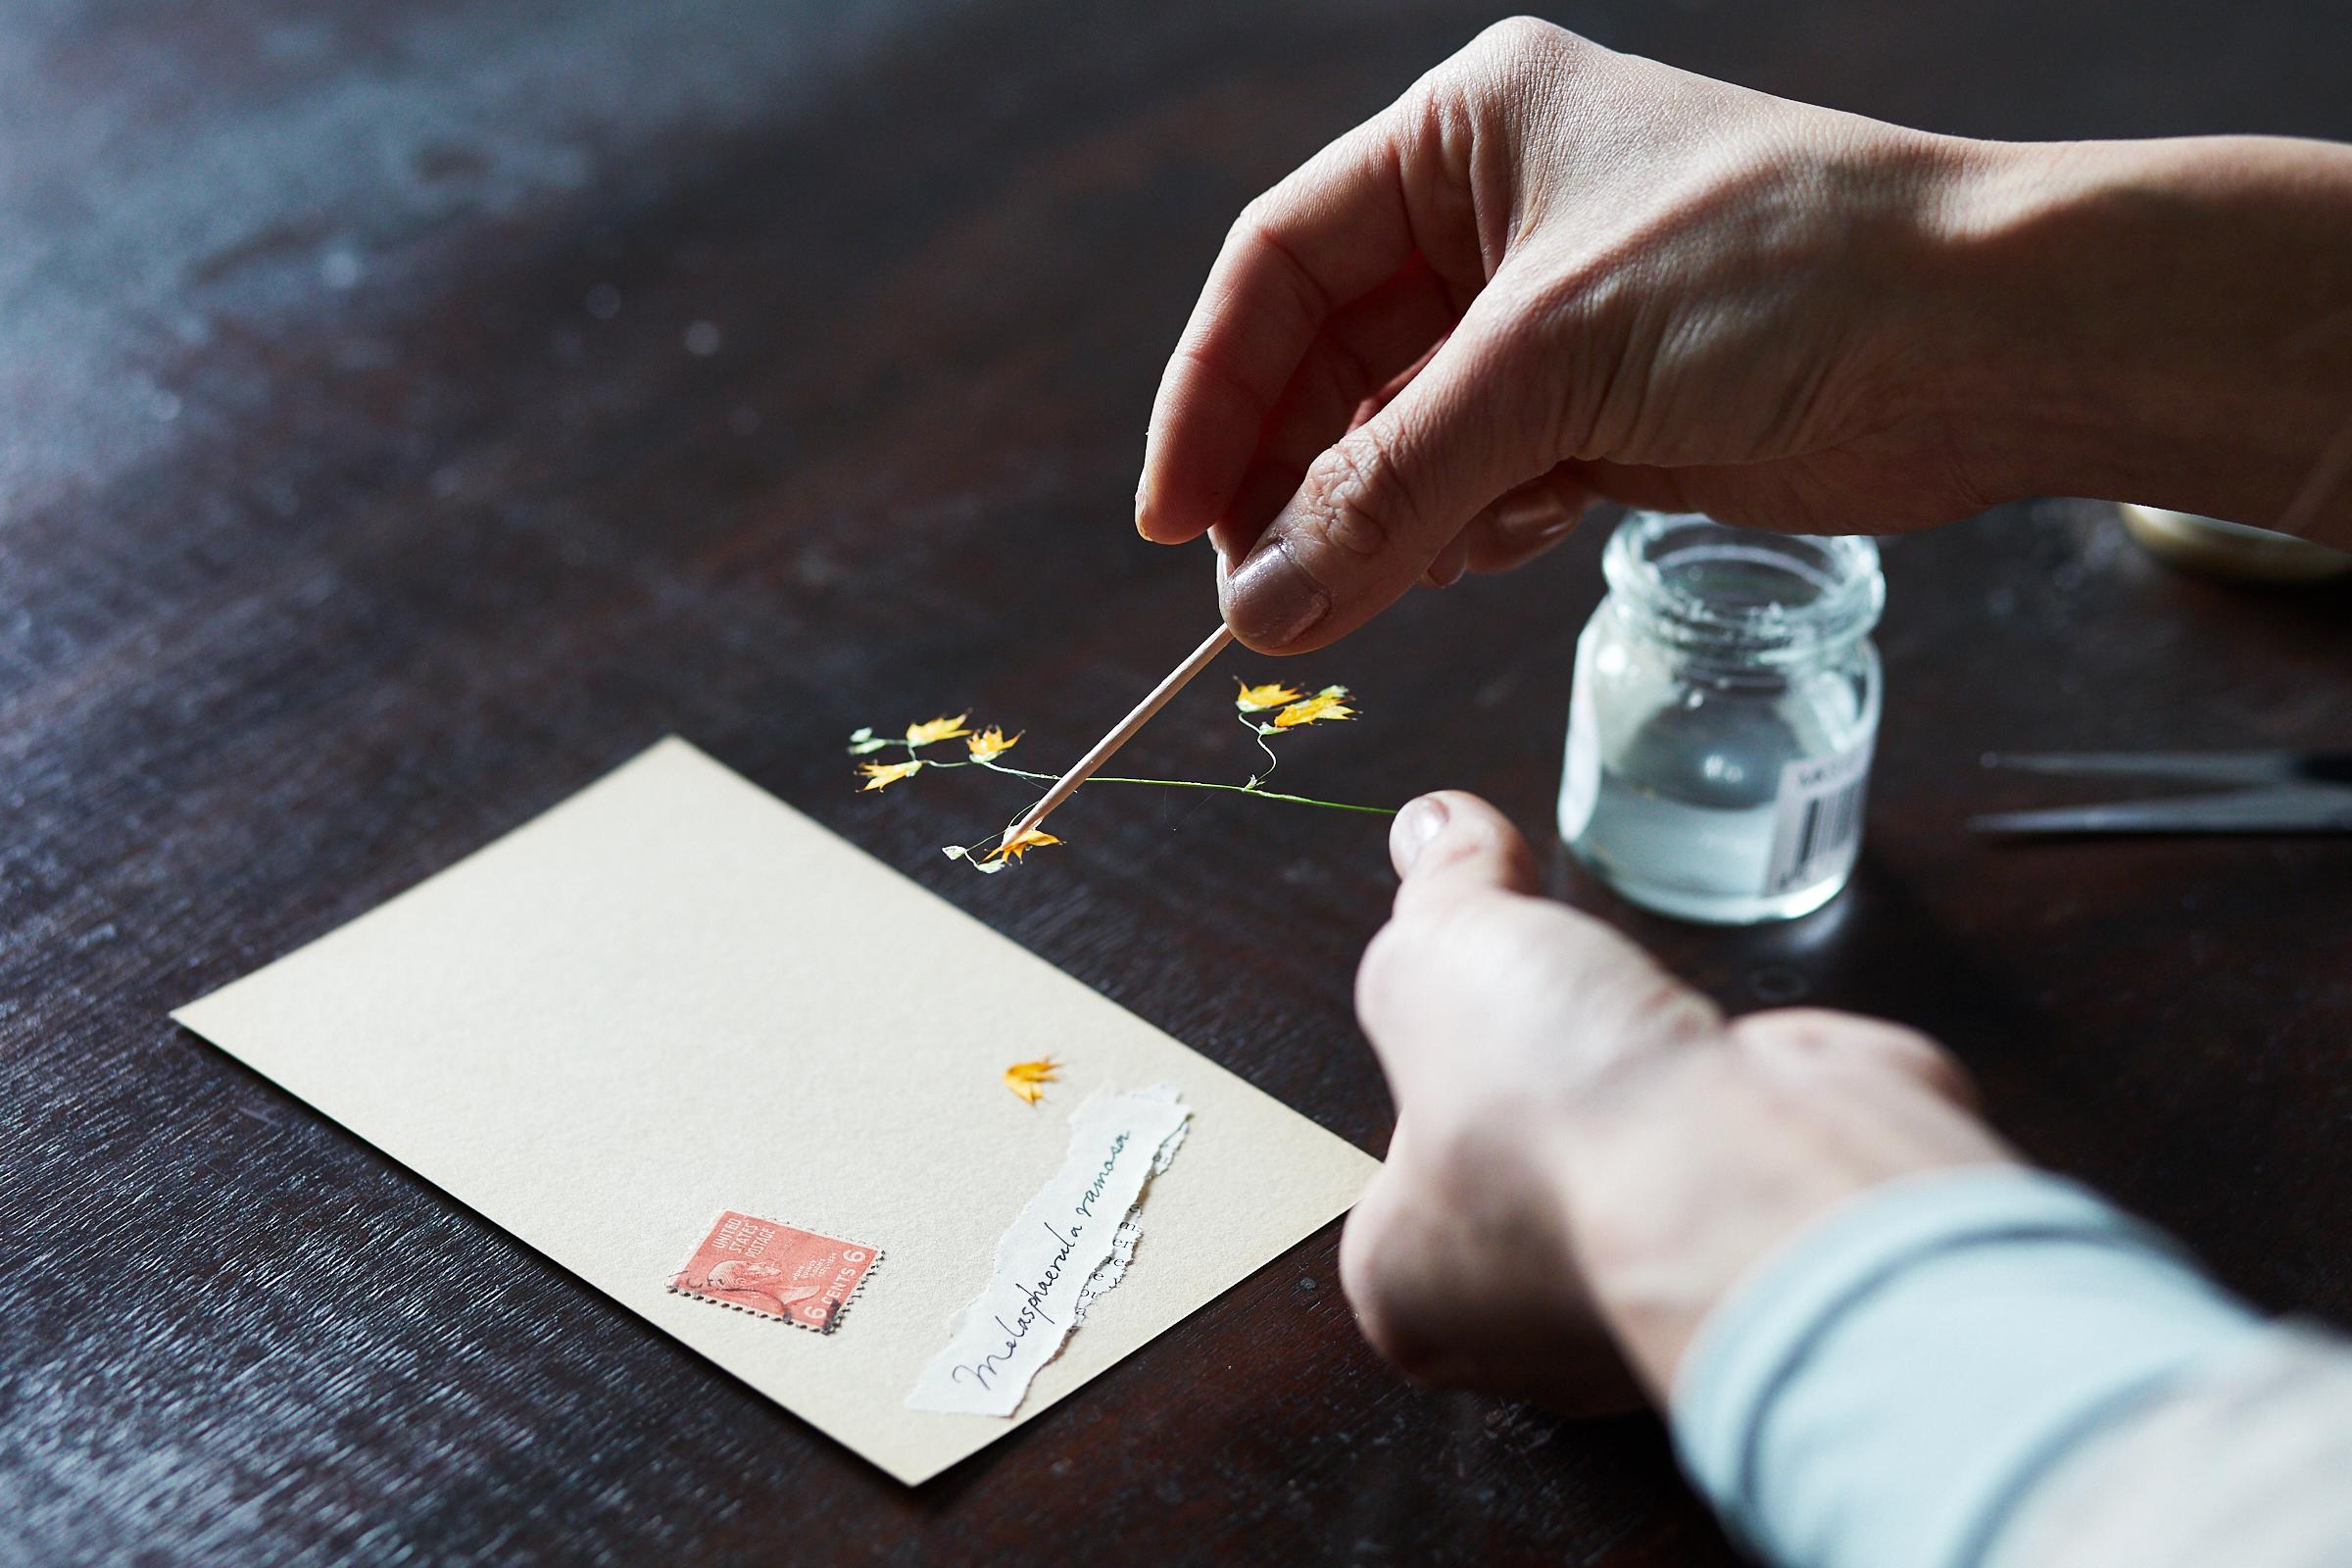 つまようじの先端で押し花にのりを塗布し、ポストカードに貼ります。フィルムでカバーするので、のりは少量でOK。